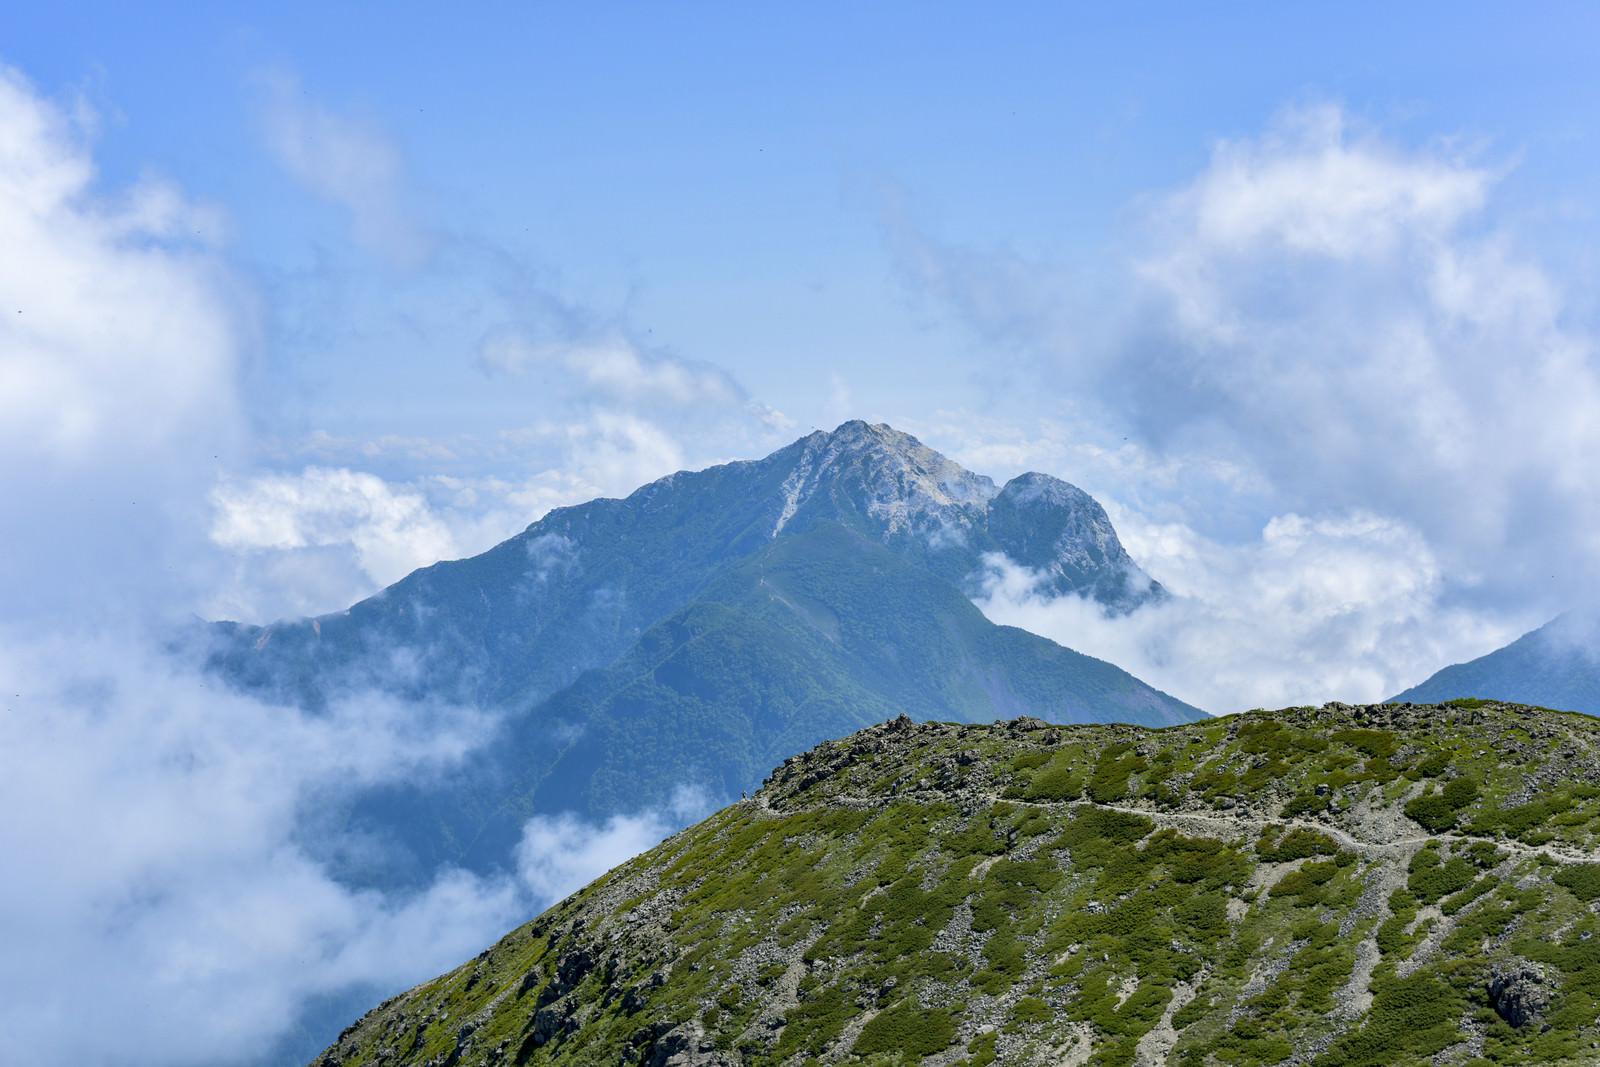 「真っ白な山頂が特徴的な甲斐駒ヶ岳(仙丈ヶ岳)」の写真